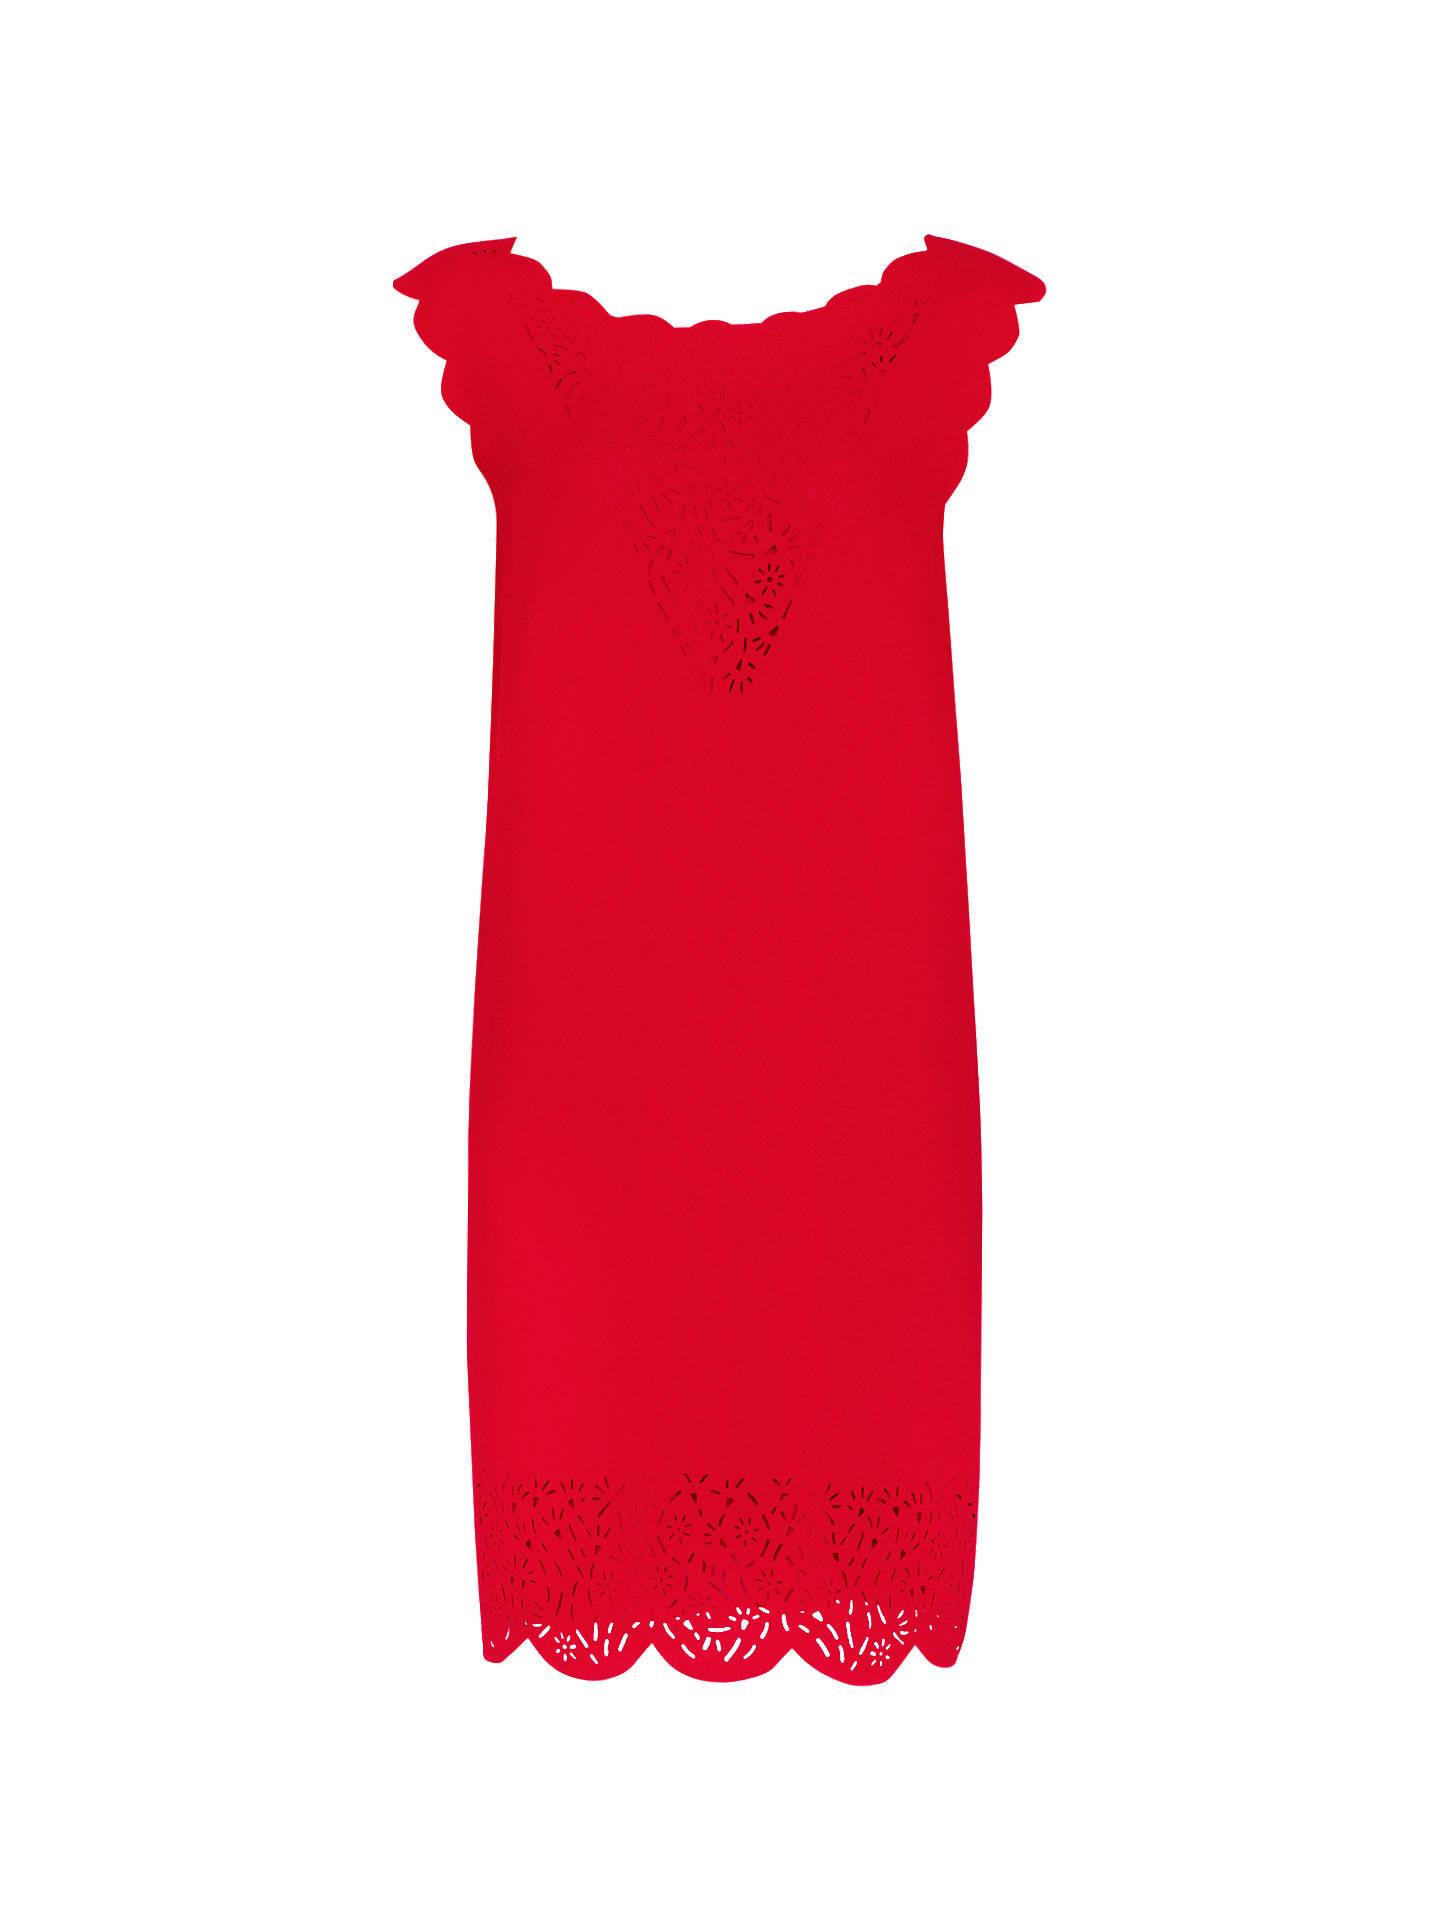 0d4a3889eec2 Buy Reiss Vita Laser Cut Shift Dress, Ruby, 6 Online at johnlewis.com ...